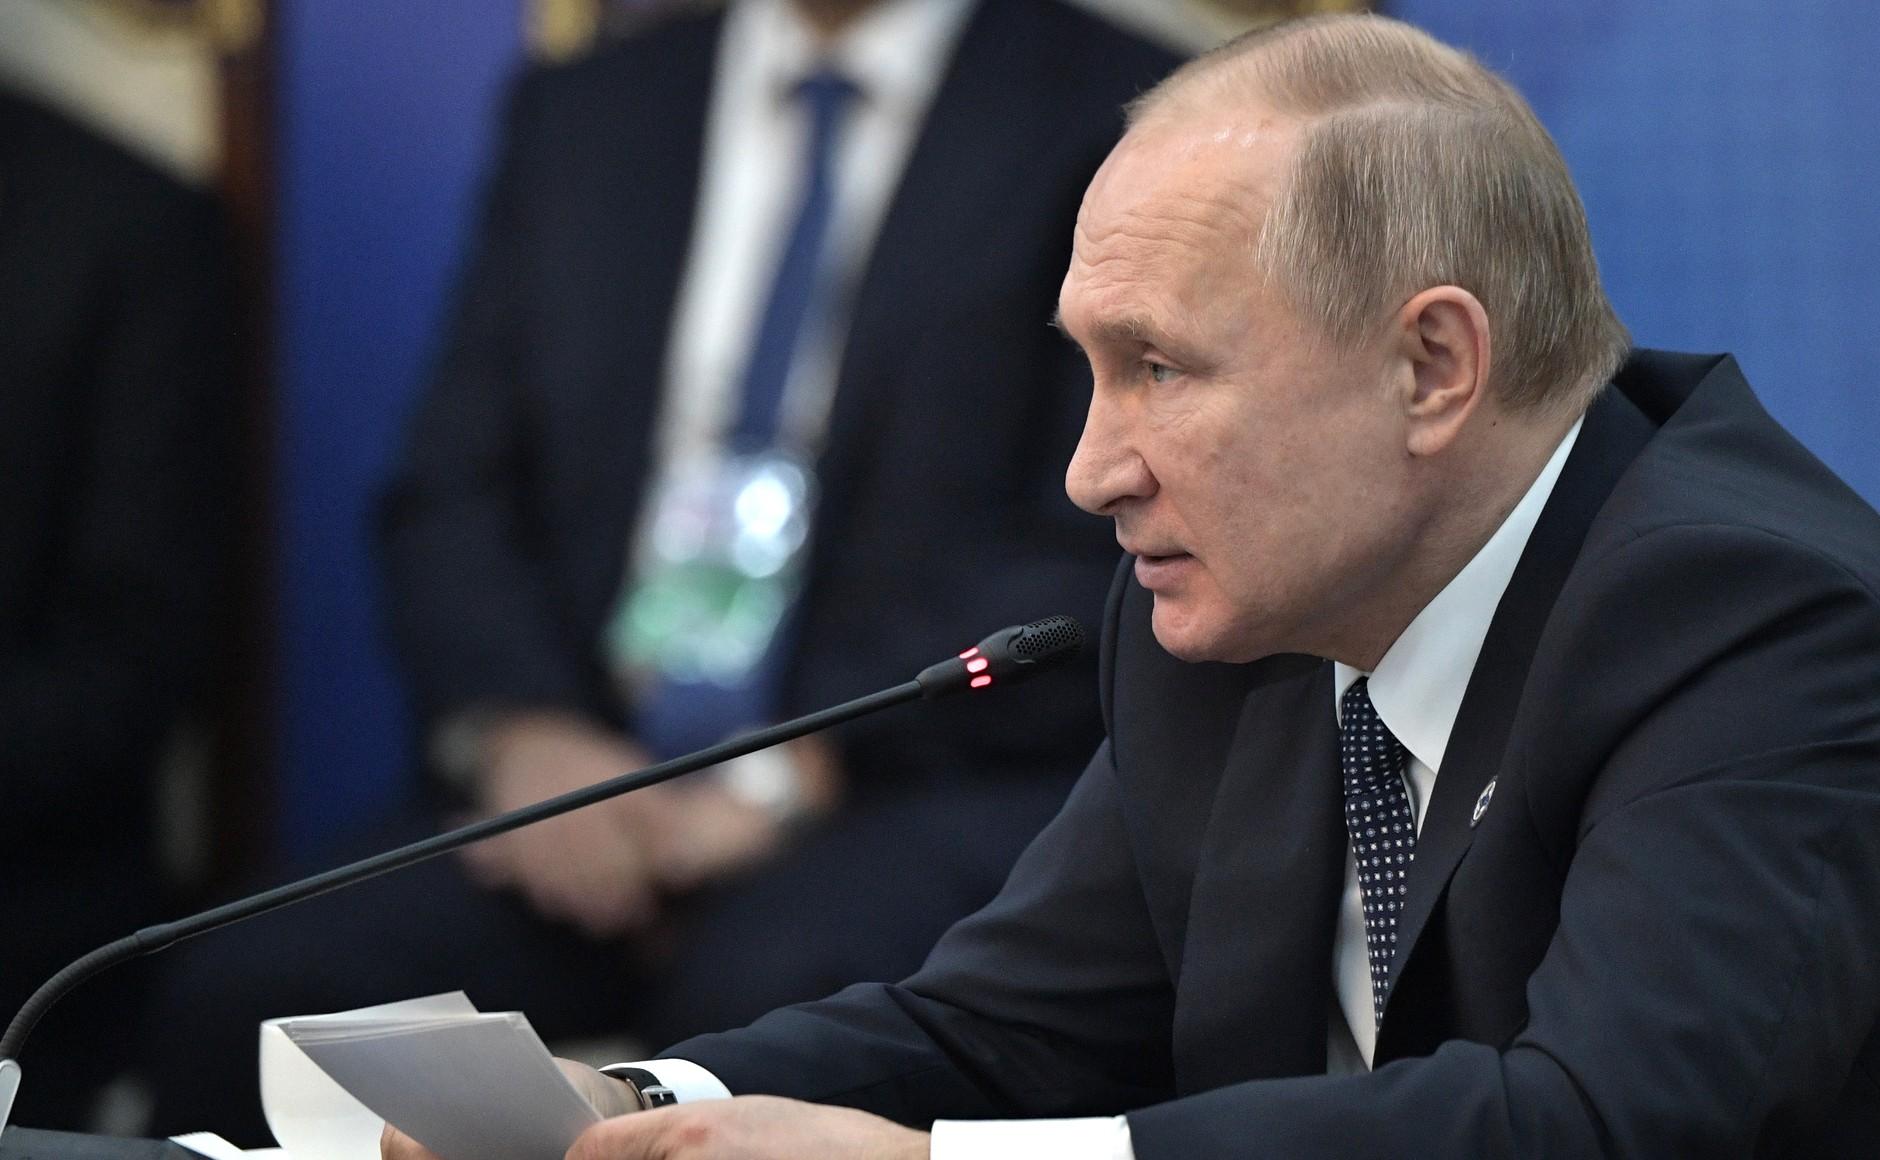 Кремль рассказал об отсутствии планов Путина ехать в Белоруссию